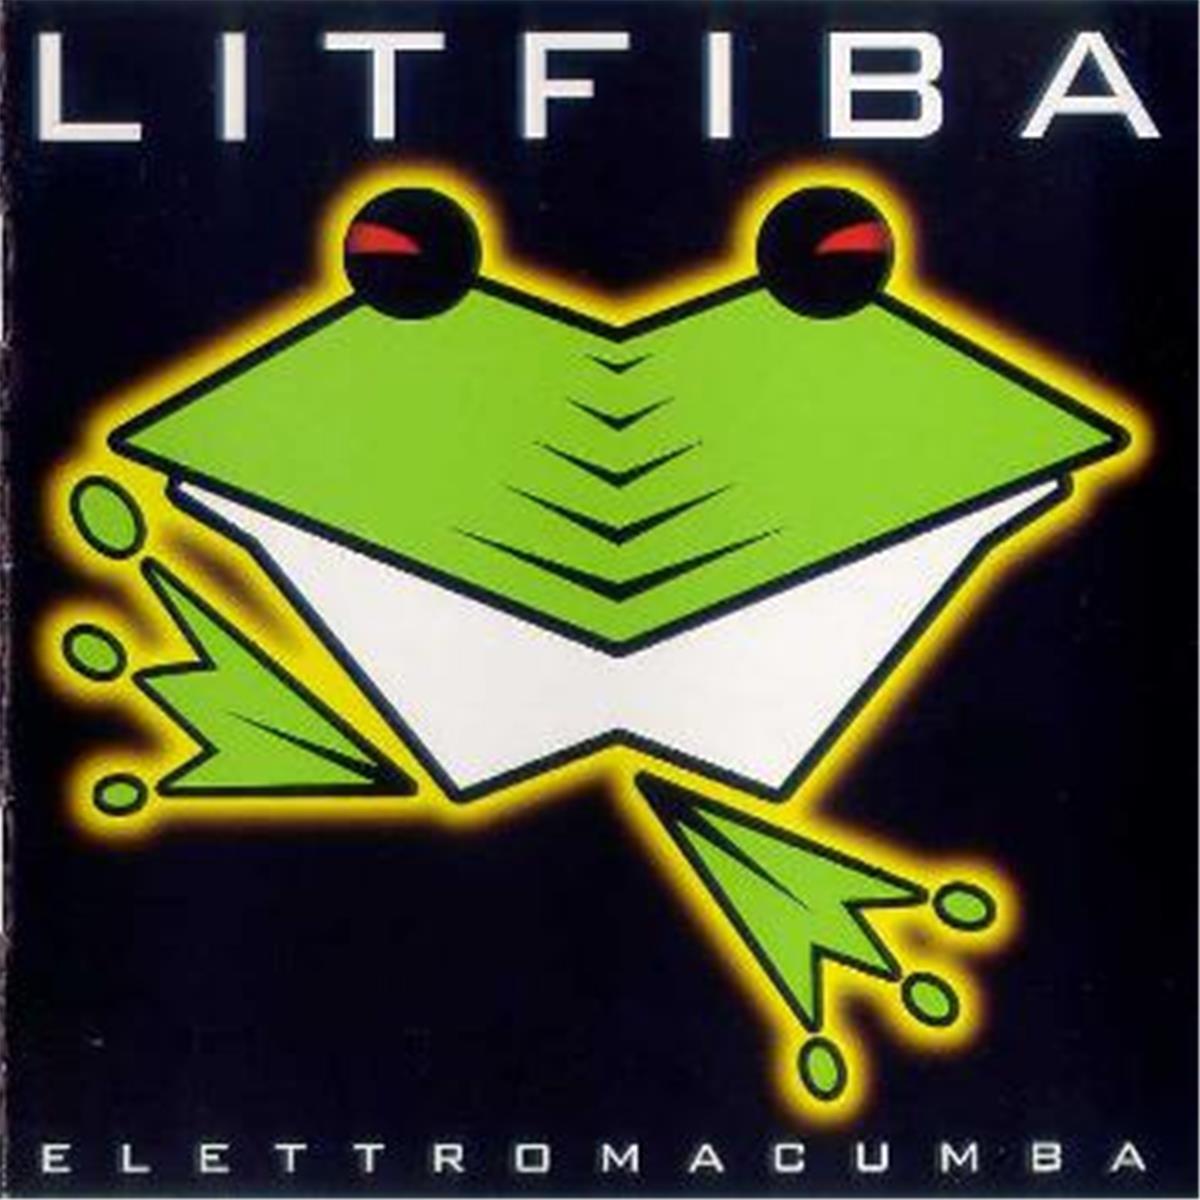 litfiba-elettromacumba